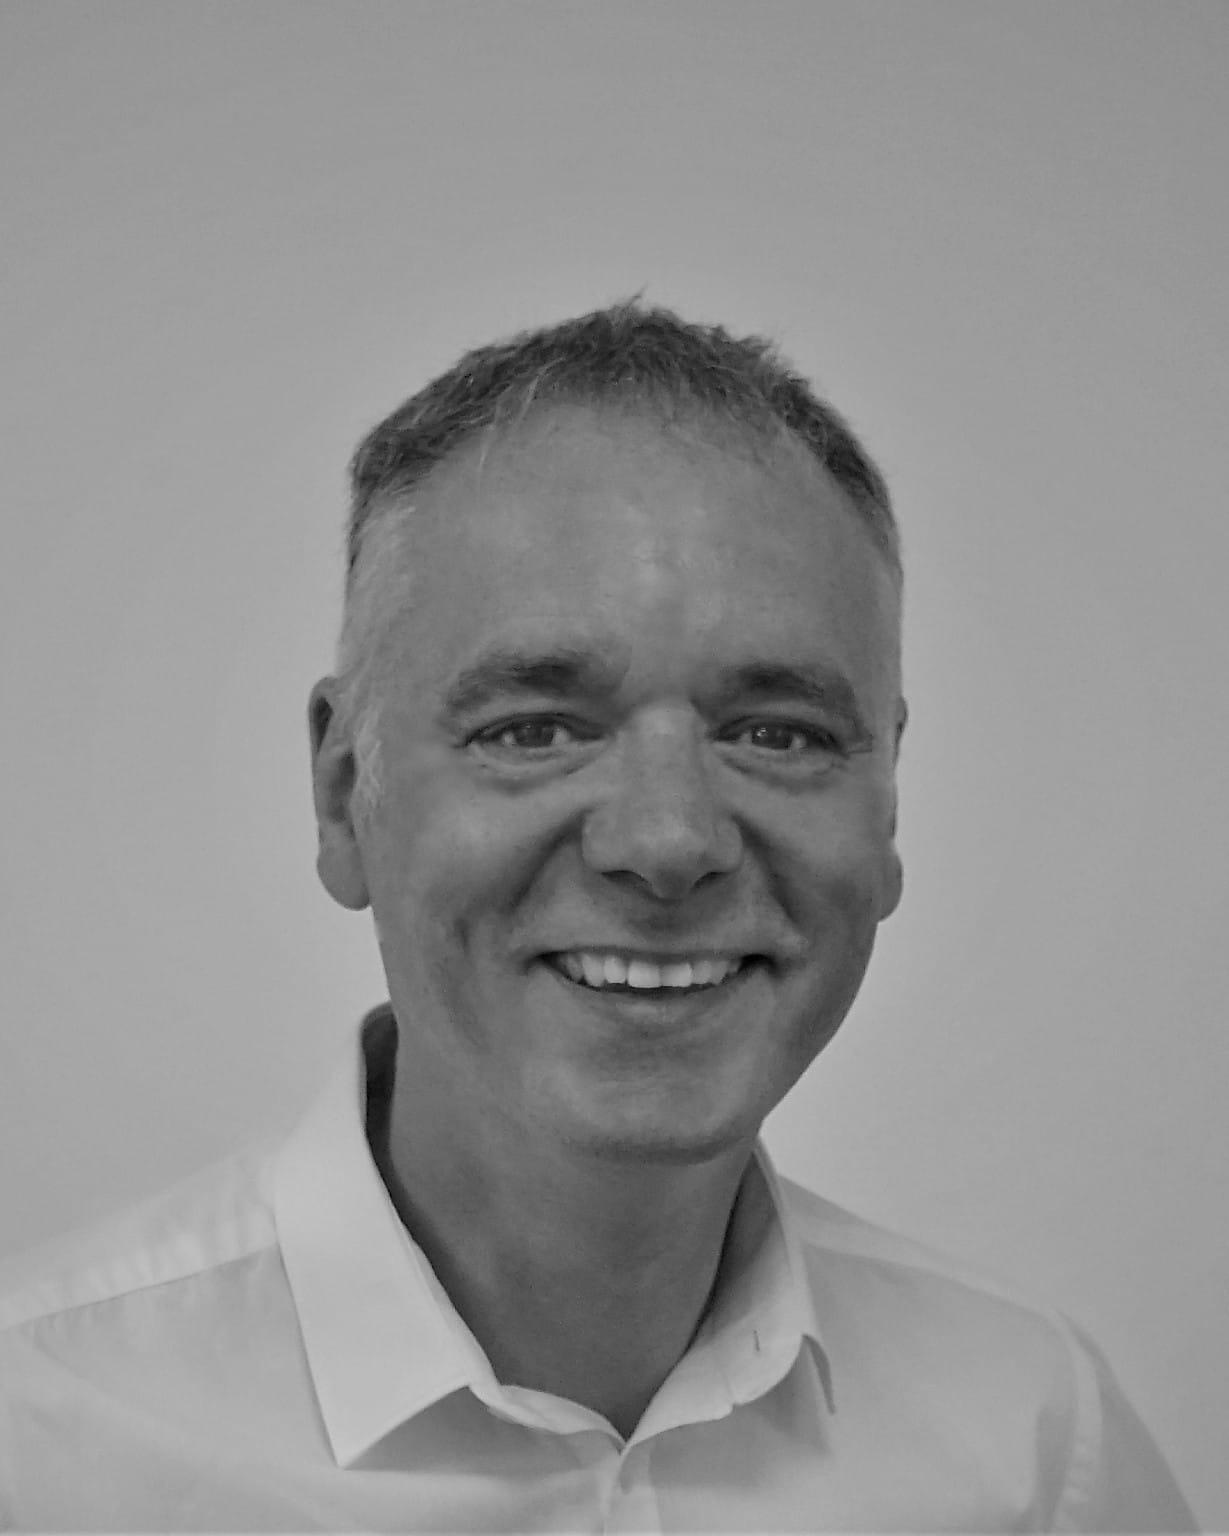 Martyn Widdowson